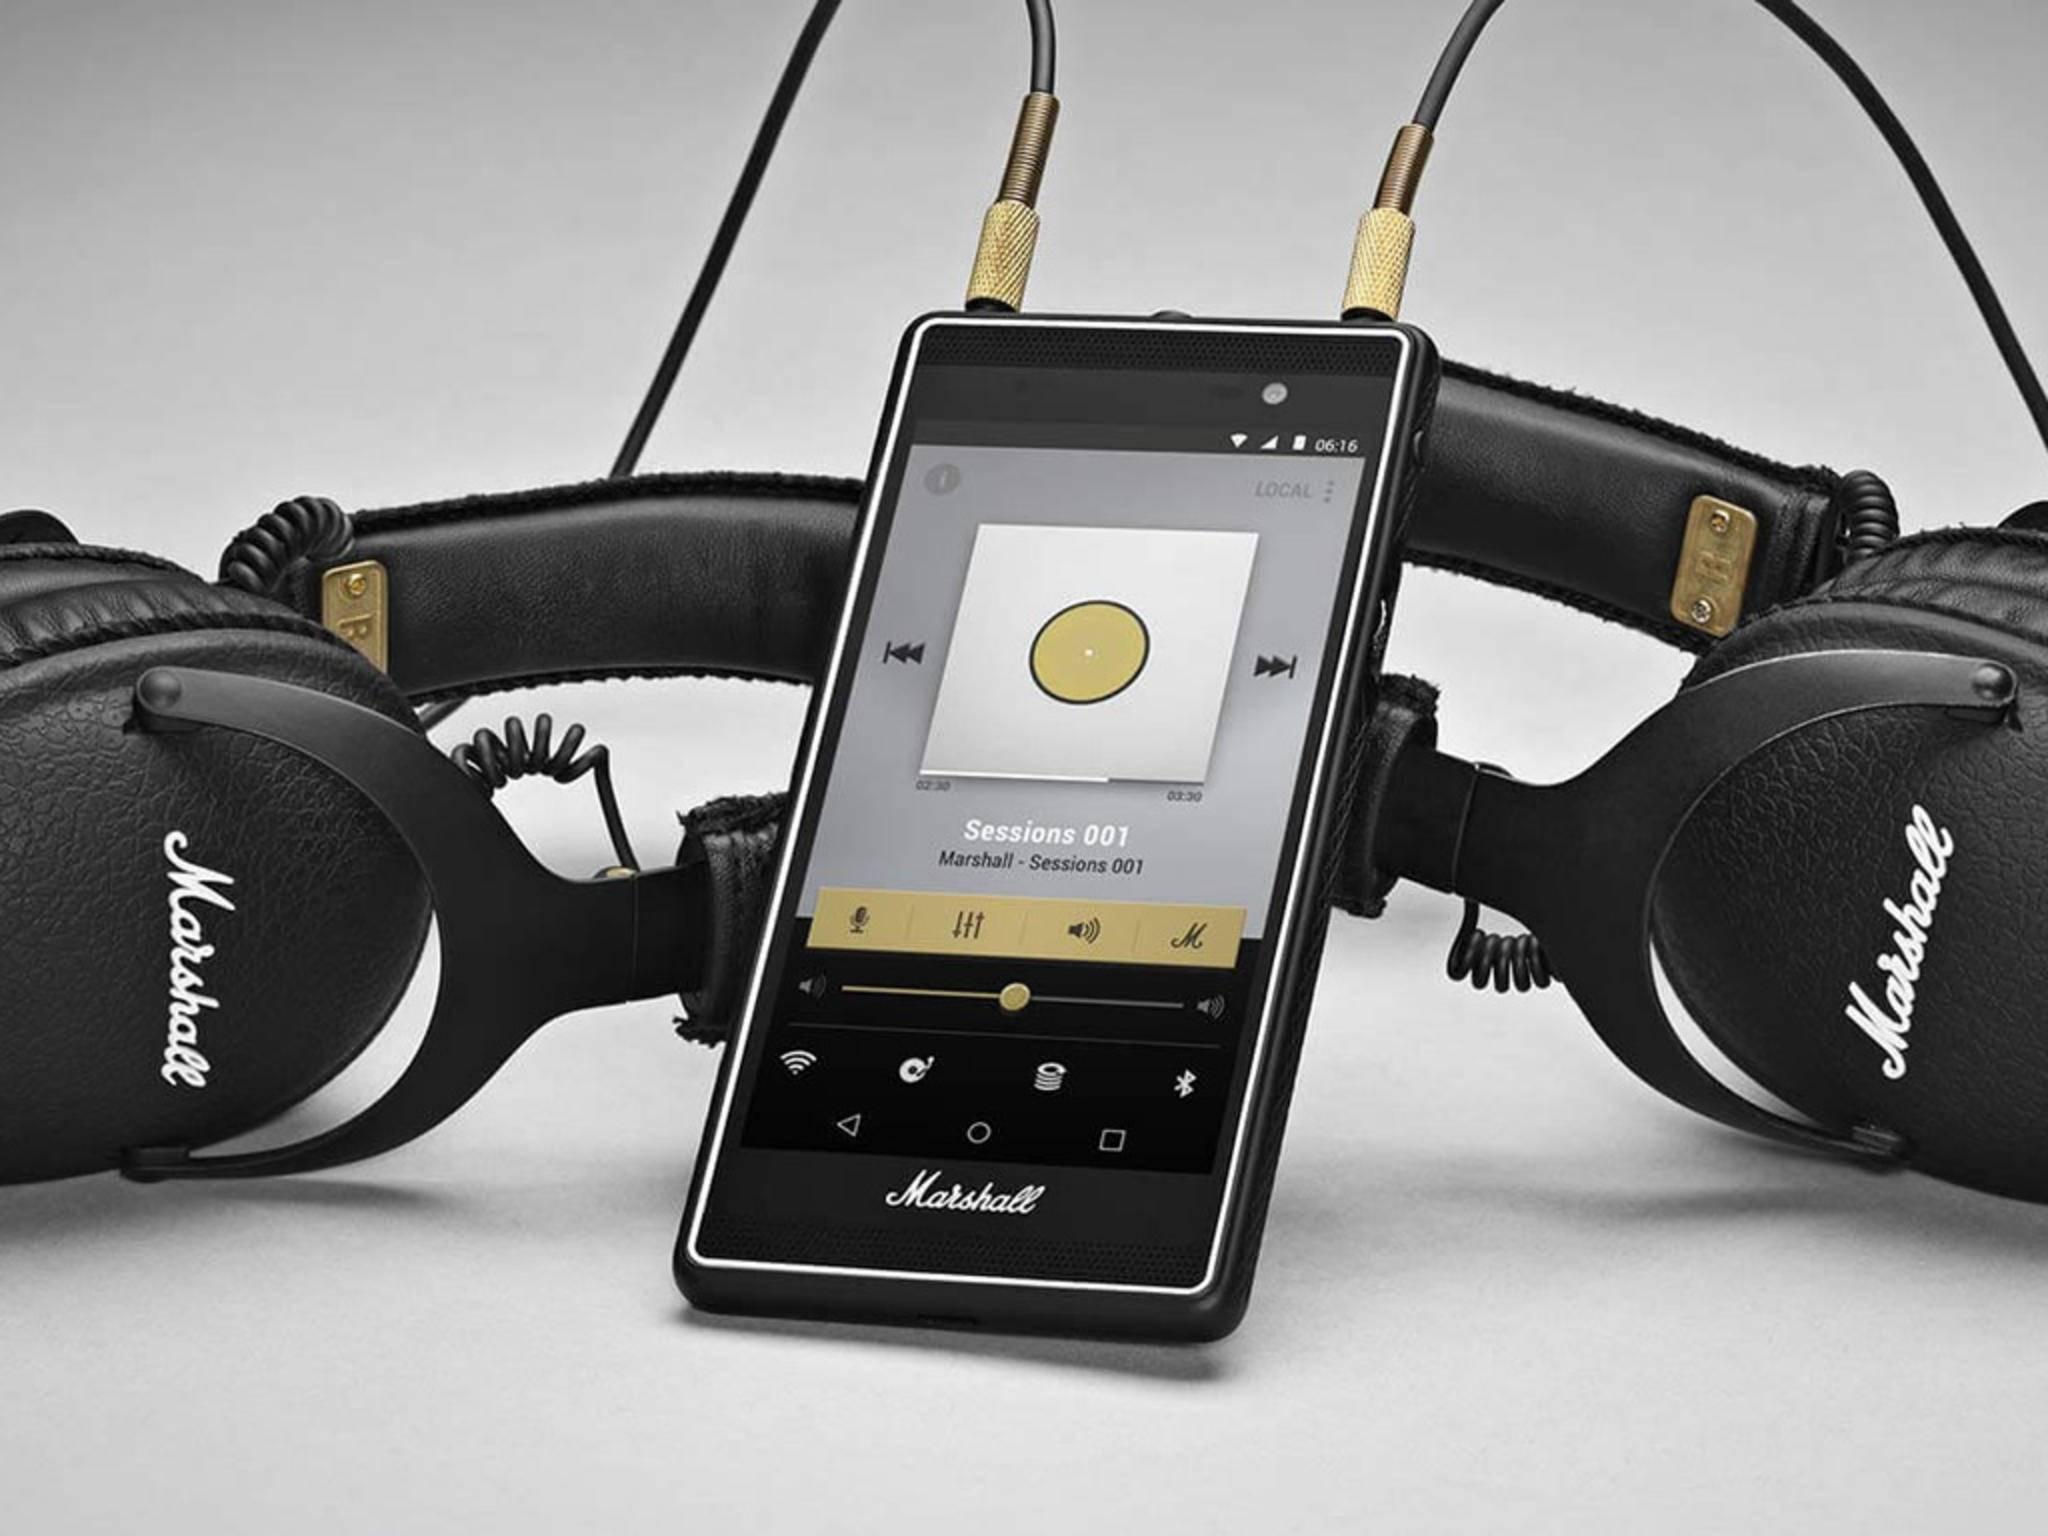 Das Smartphone bietet gleich zwei Audio-Anschlüsse.